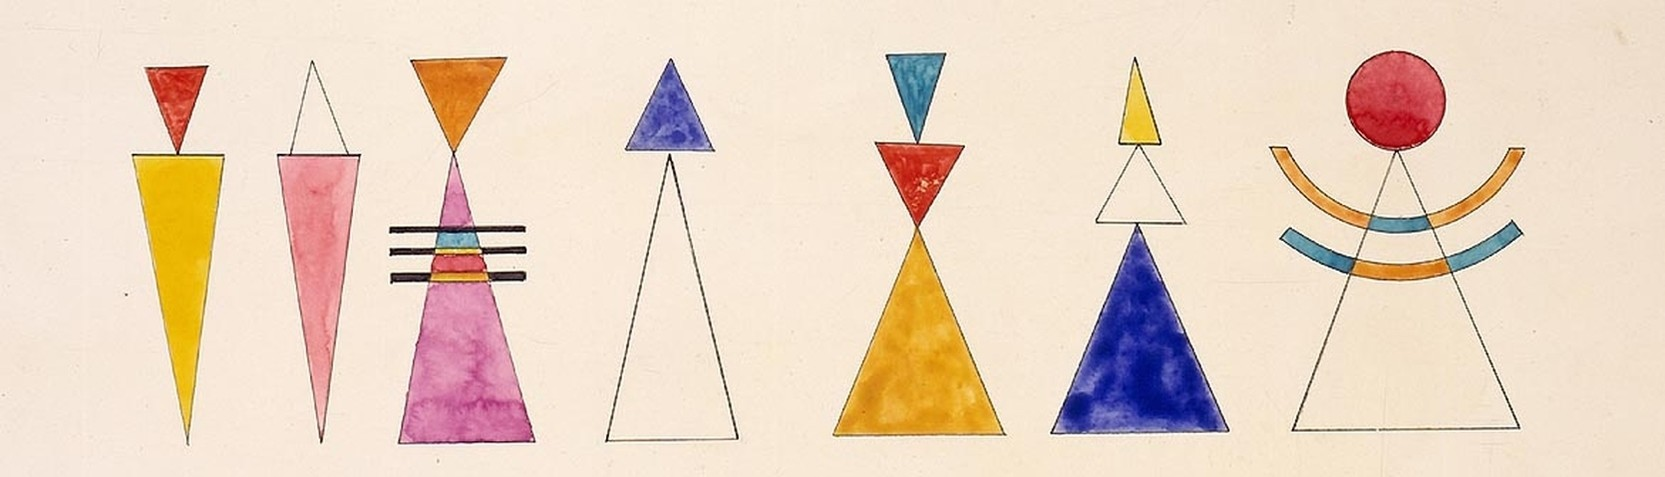 Artyści - Wassily Kandinsky